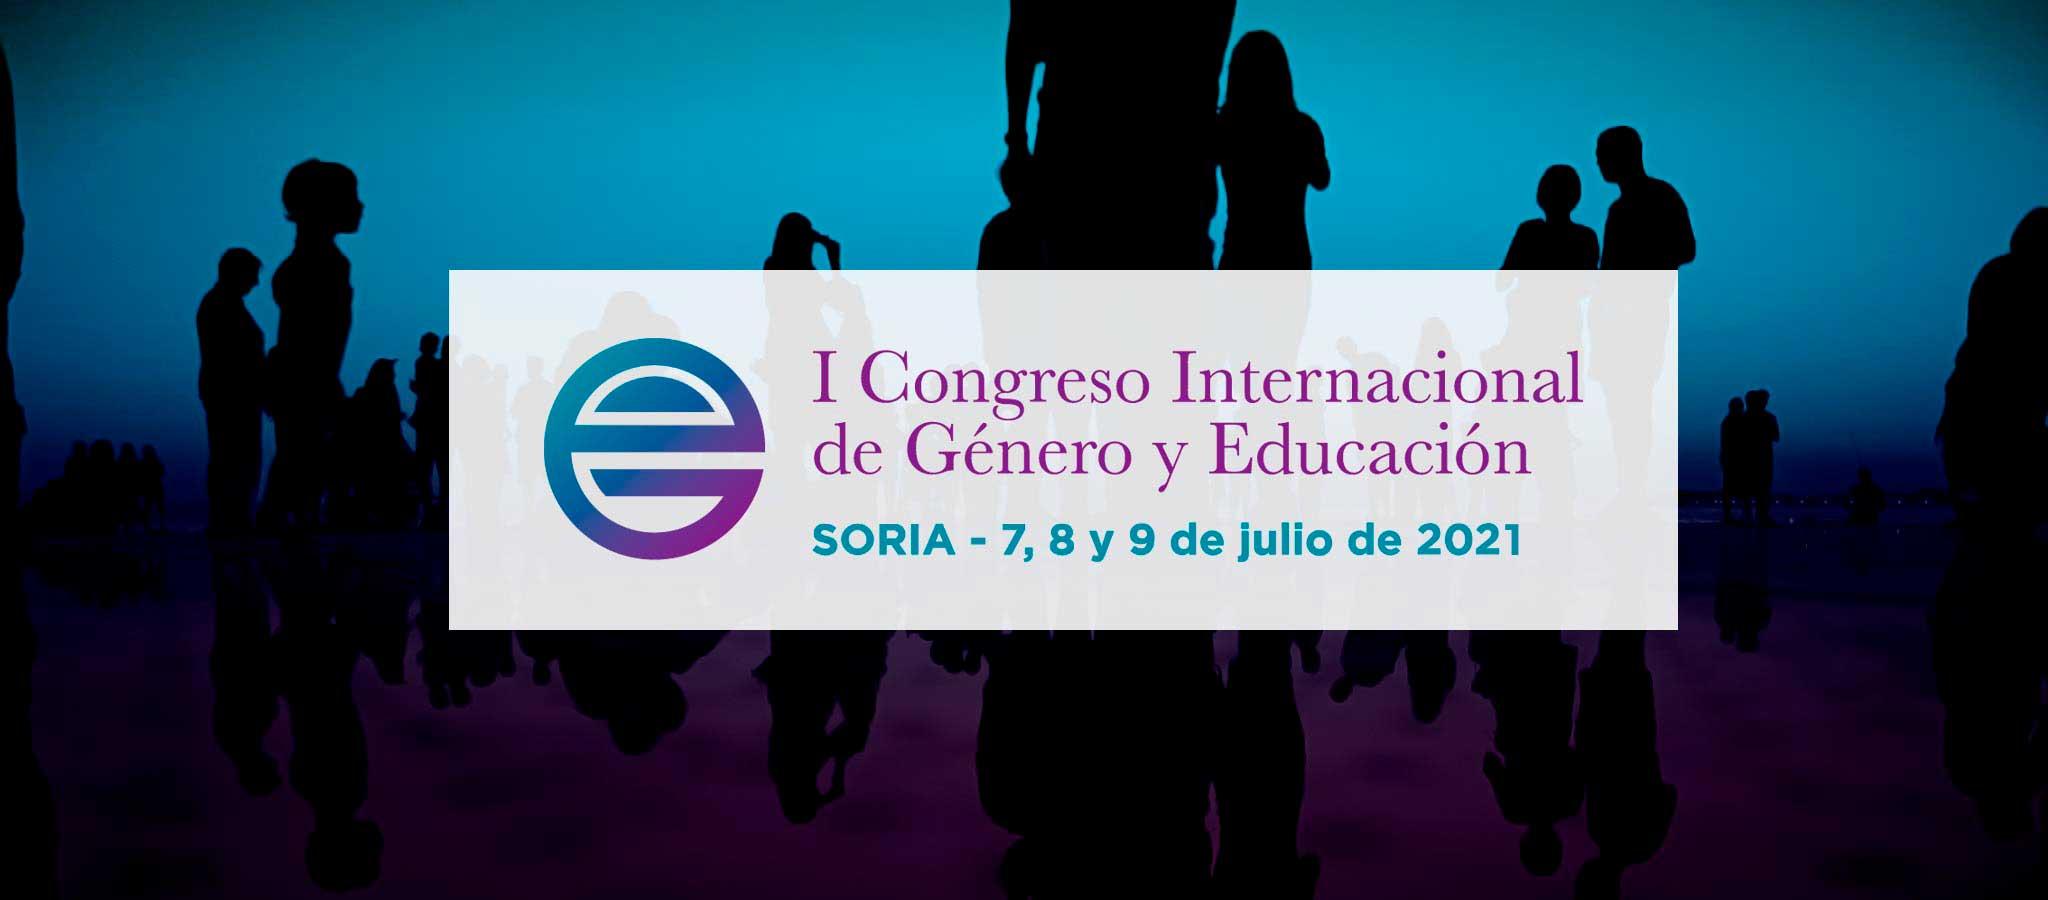 1º Congreso Internacional de Género y Educación